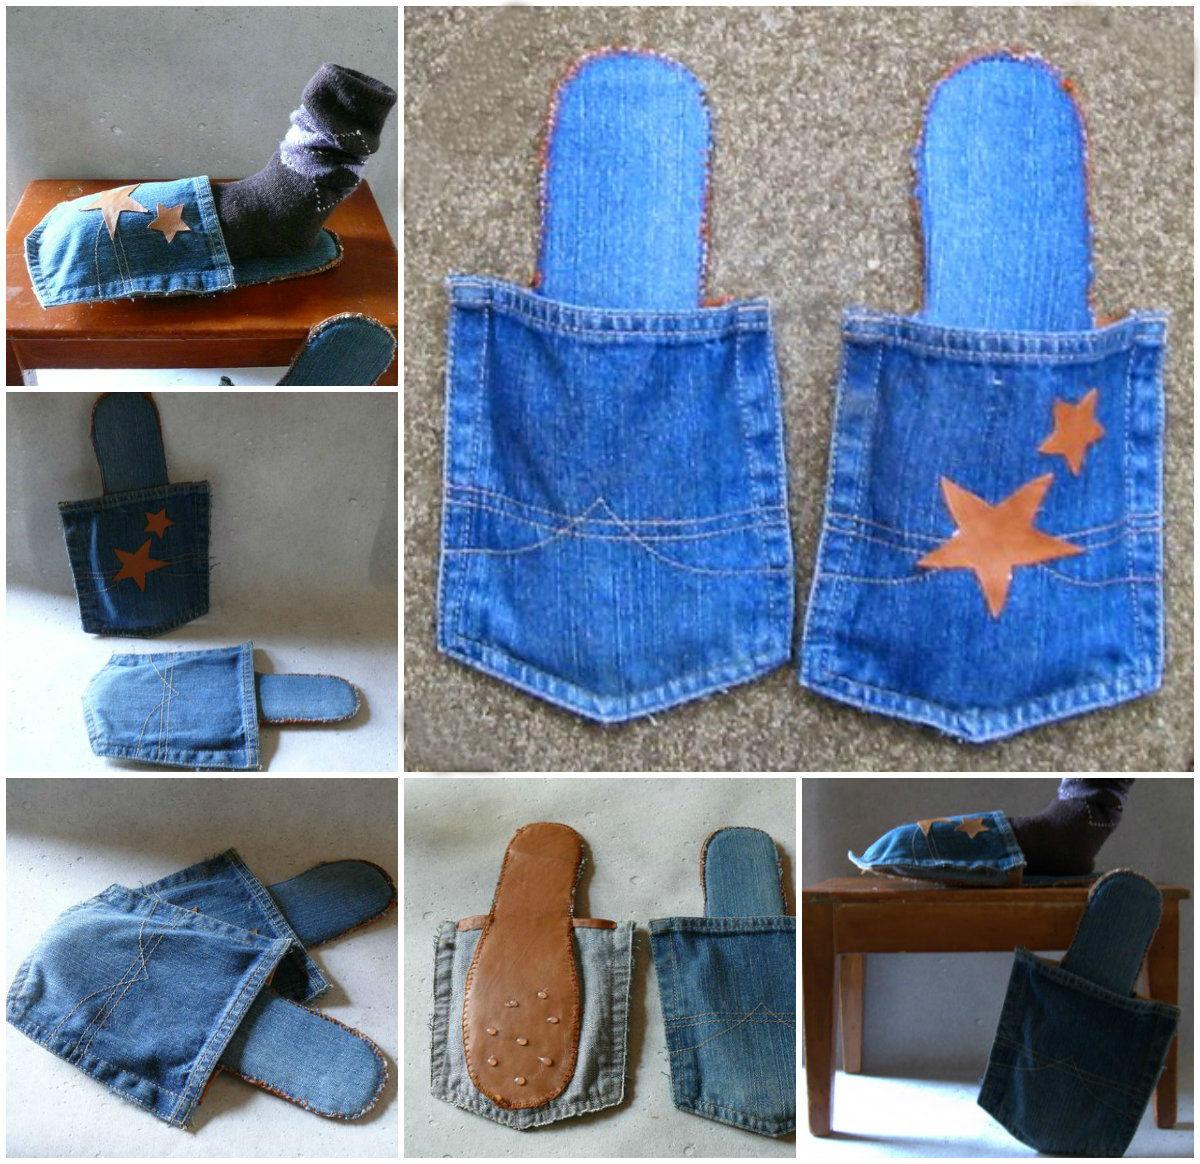 gk kreativ jeans upcycling. Black Bedroom Furniture Sets. Home Design Ideas